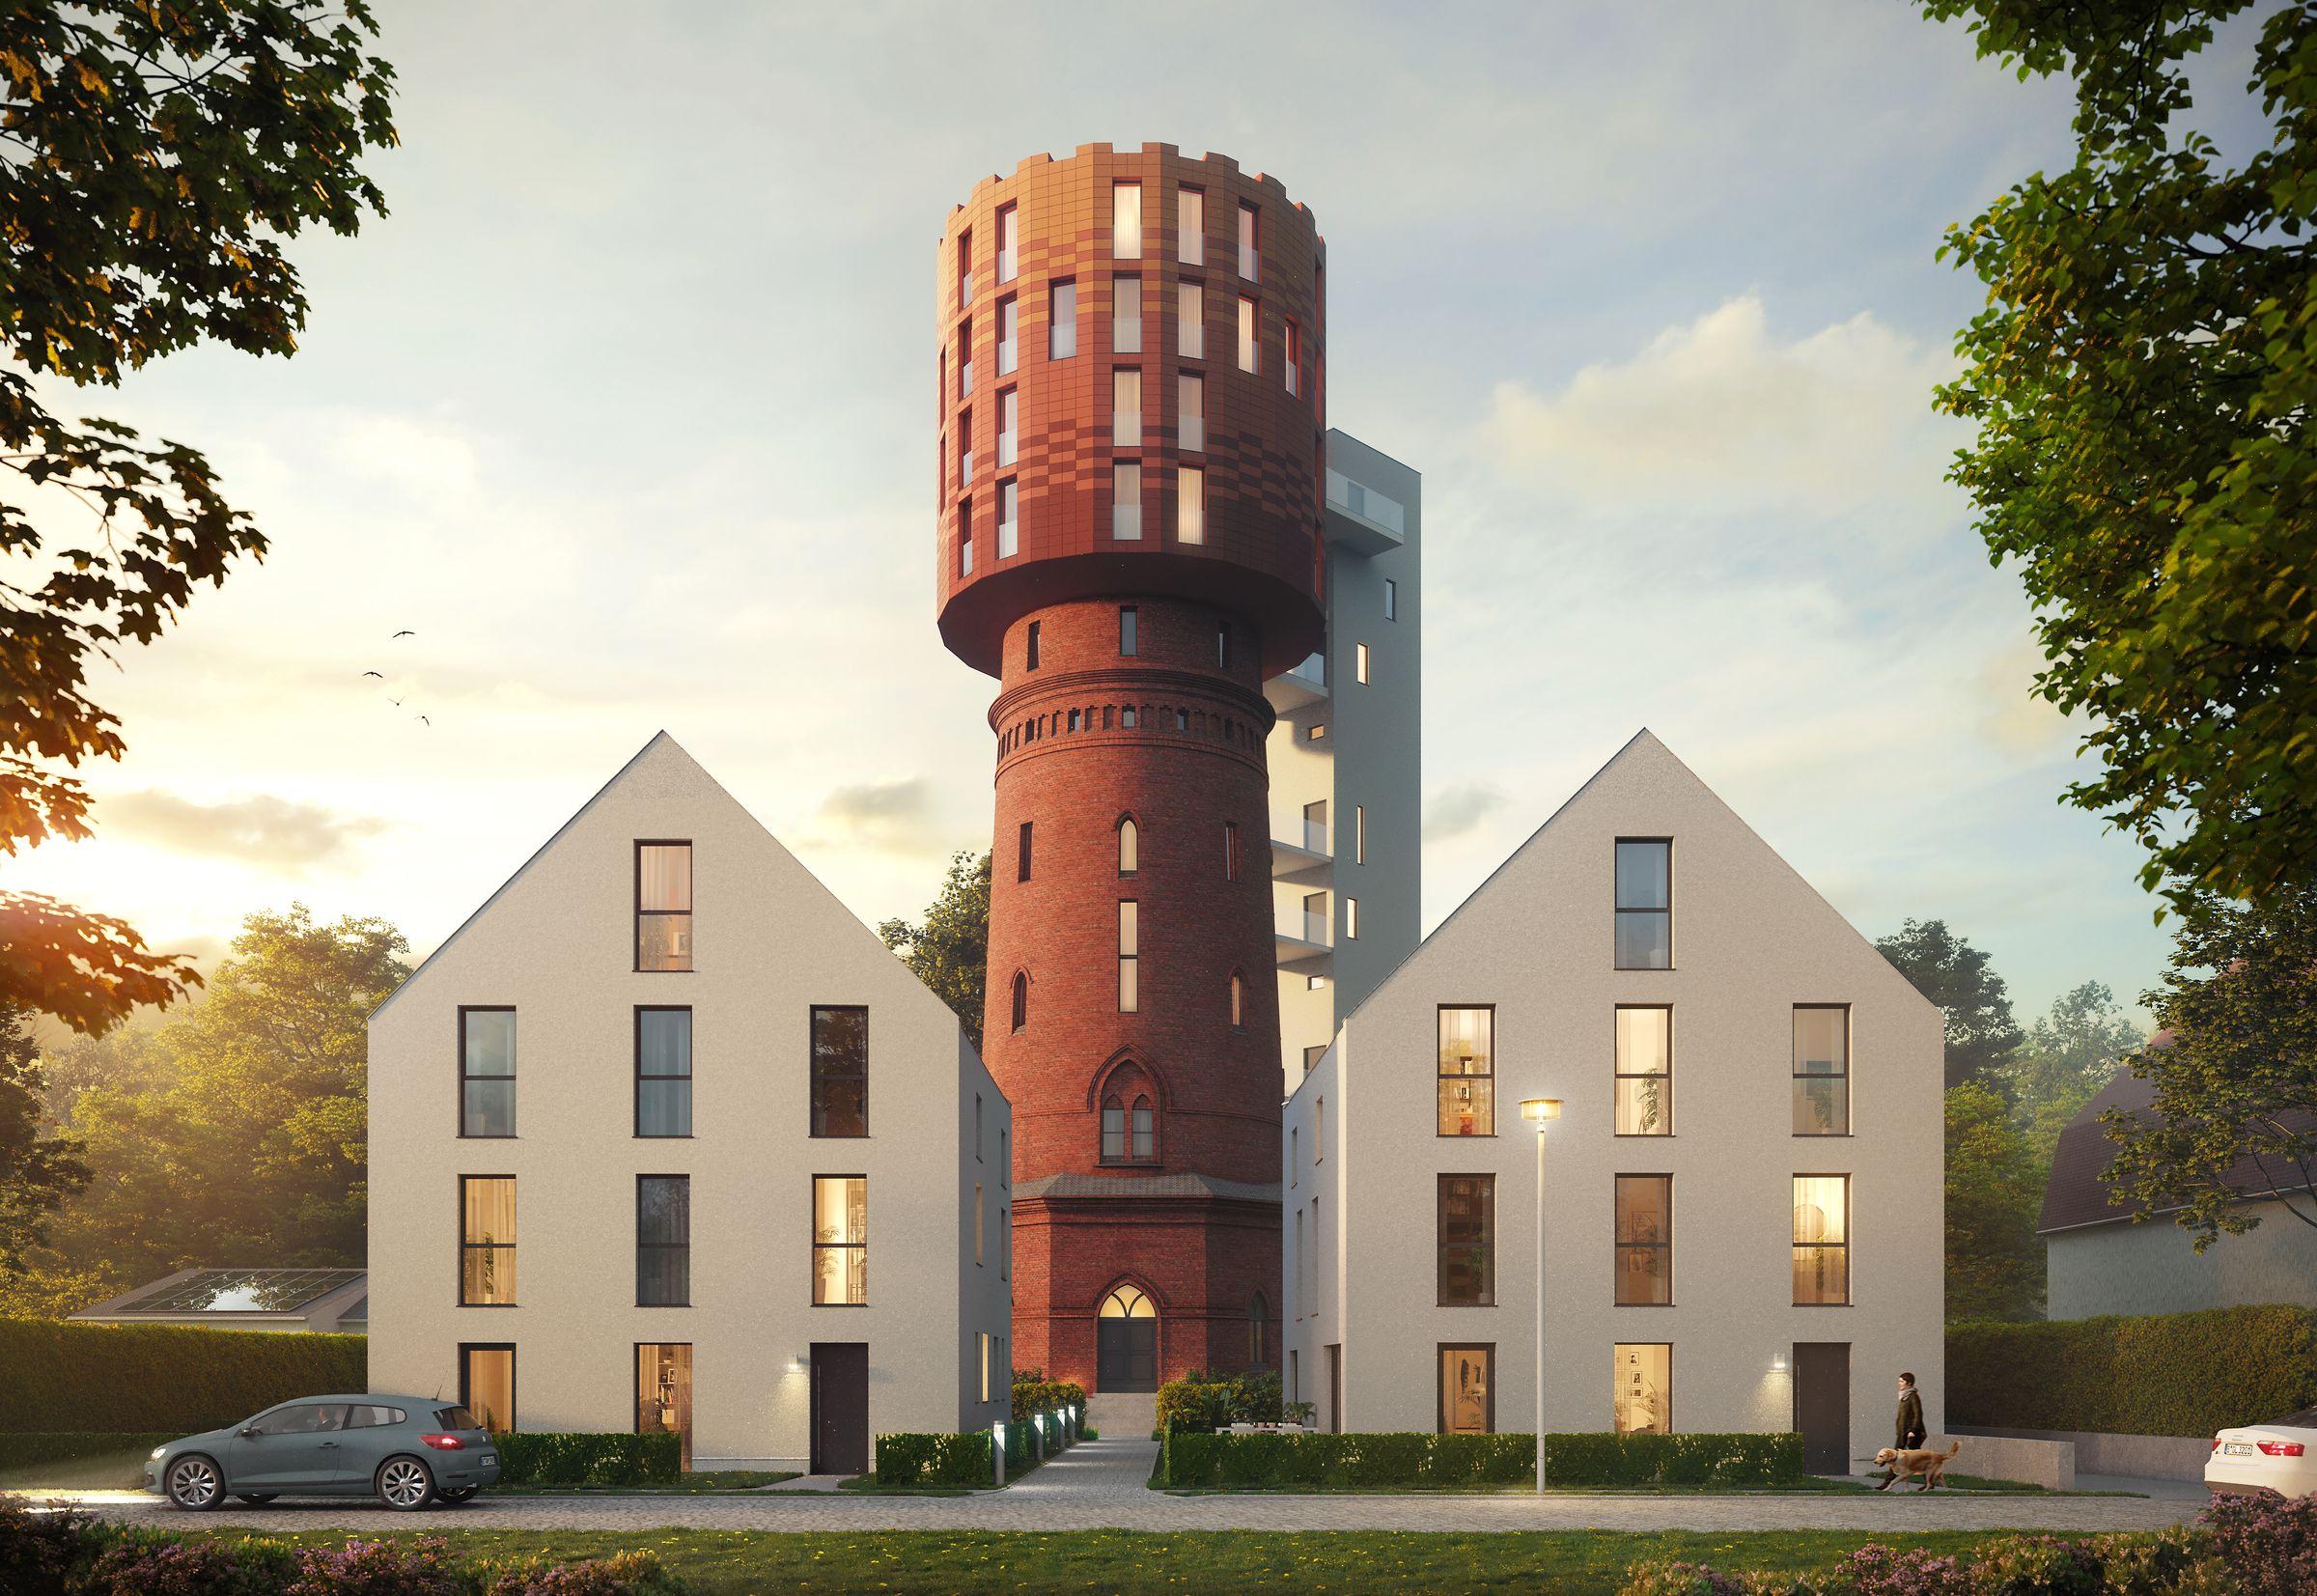 01_Terraplan_Wasserturm_Altglienicke_Str_Variante_2b_200702